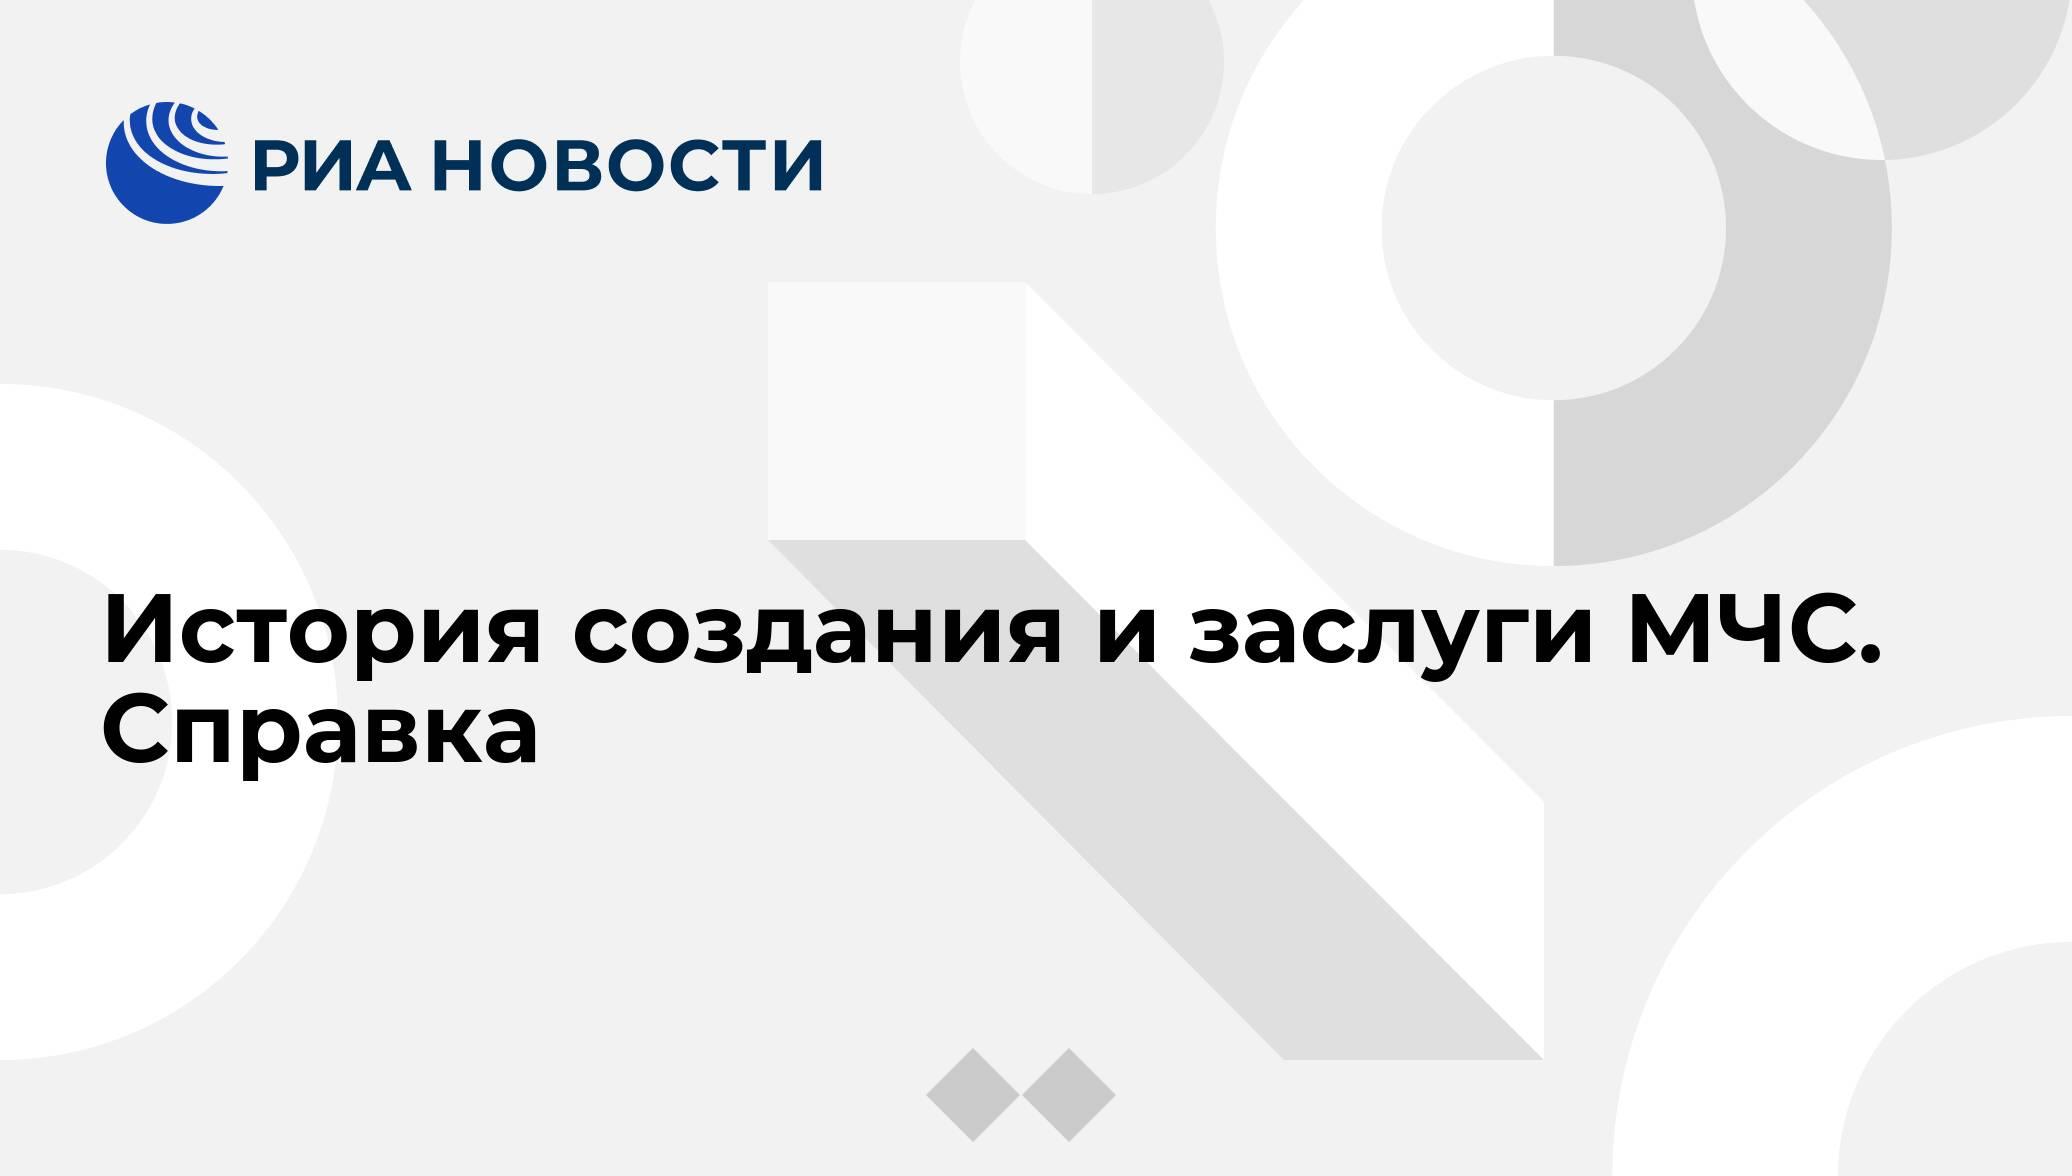 История развития мчс в россии доклад 6958